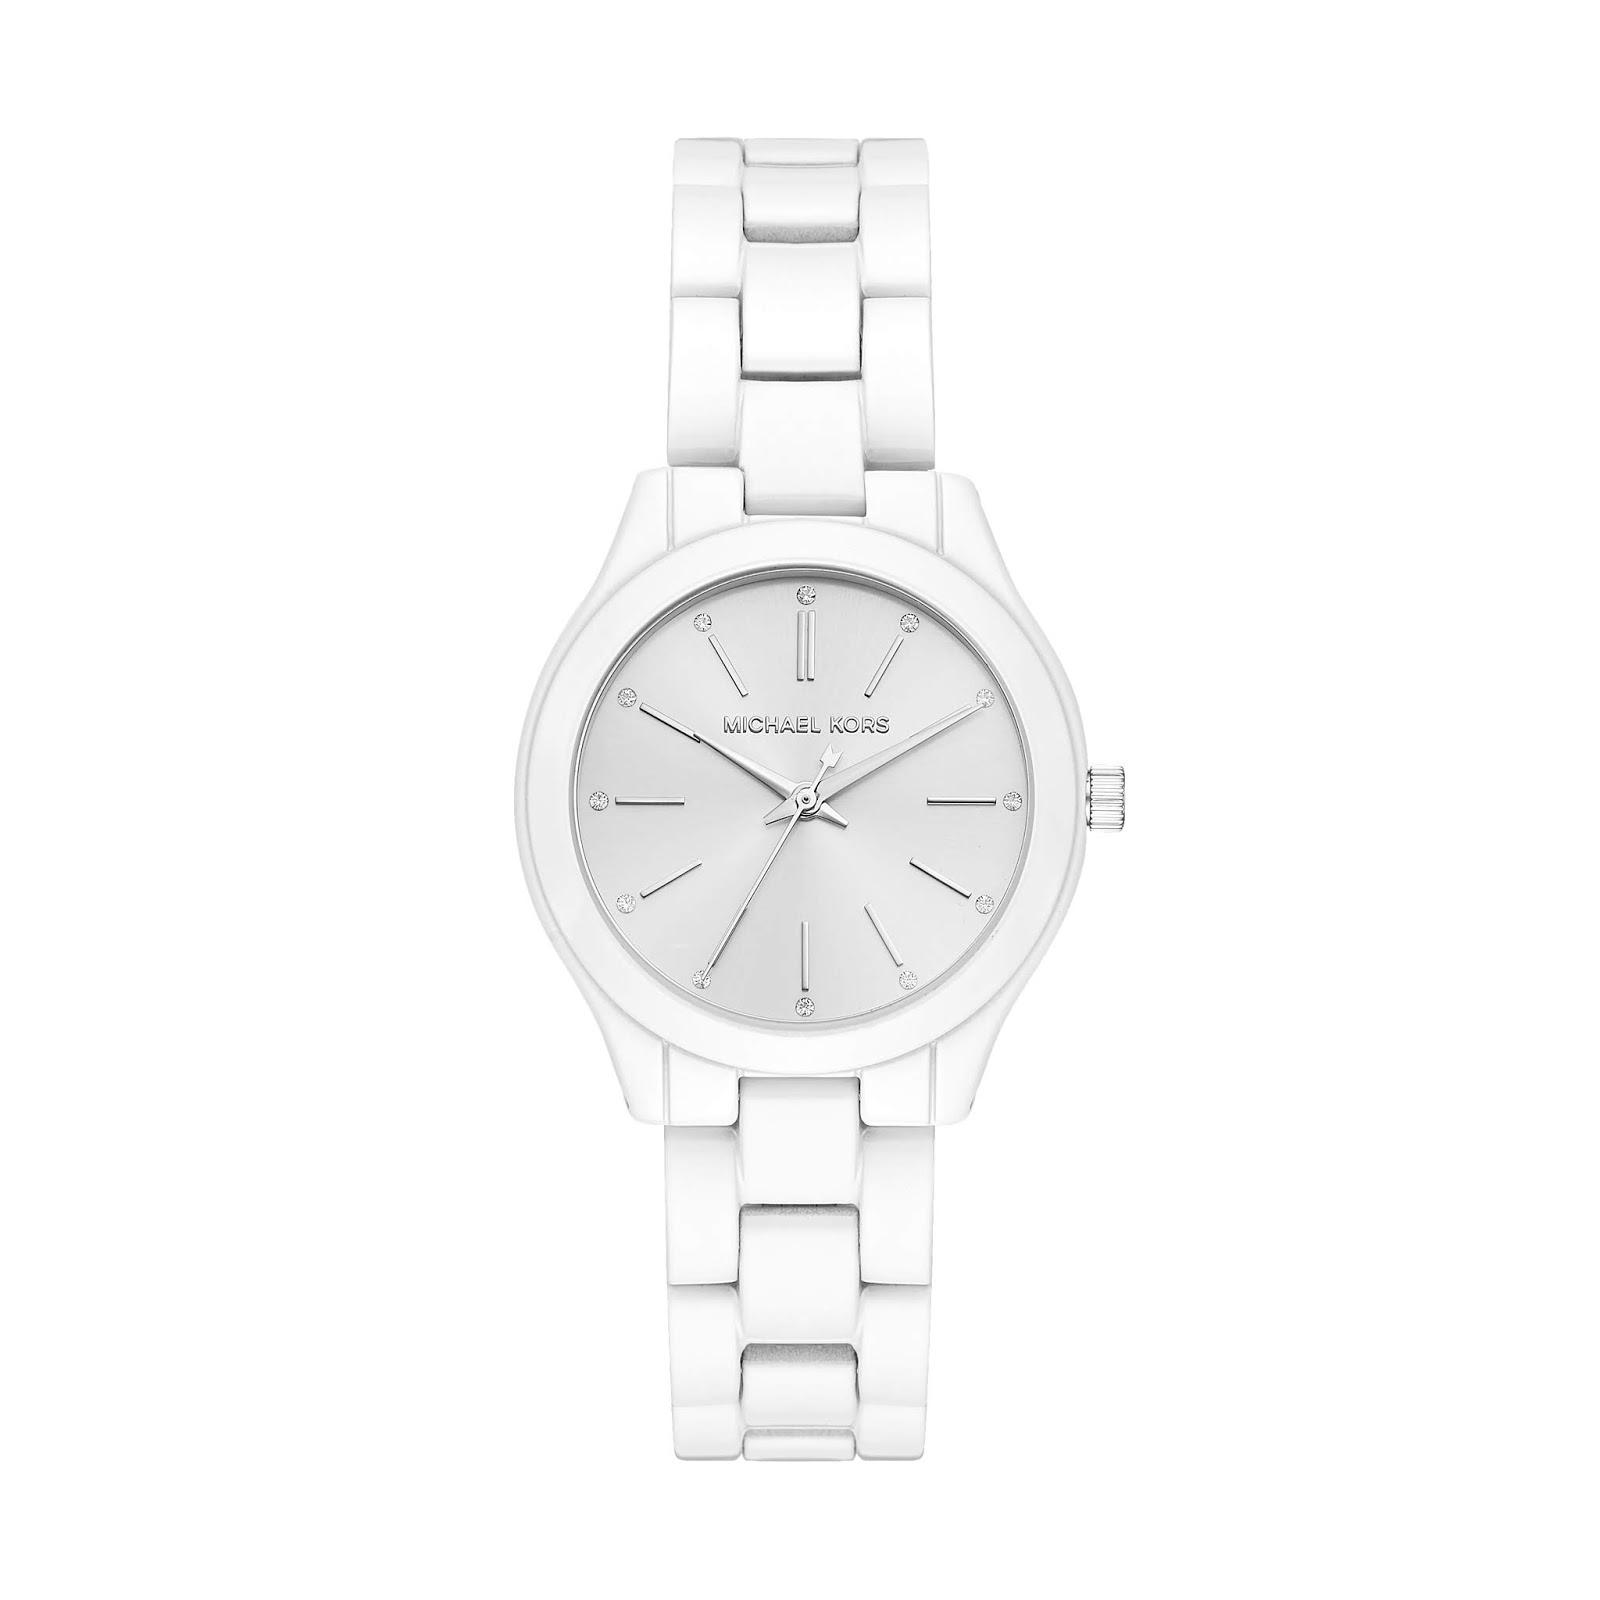 5f0be458e89e3 A marca de relógio Michael Kors apresenta a nova coleção com banho total  white, com pulseira de aço, com camadas resistentes e acabamentos  diferenciados ...